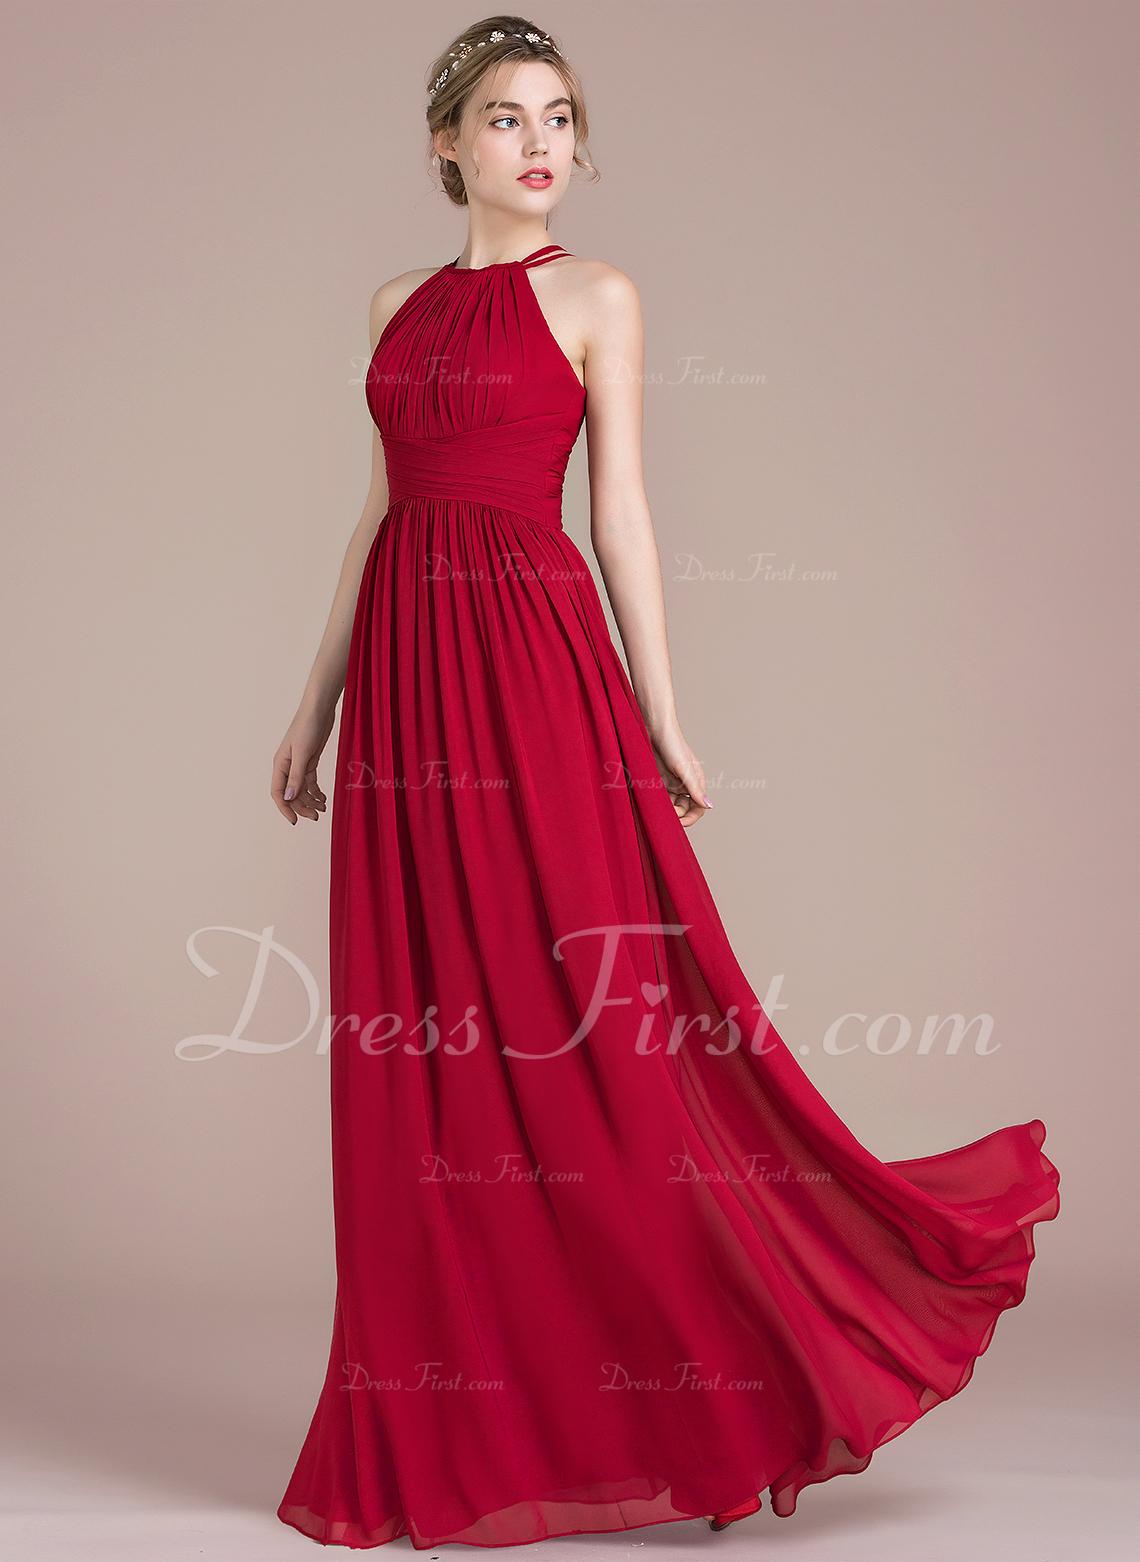 0da52524e5b A-Line Princess Scoop Neck Floor-Length Chiffon Bridesmaid Dress With Ruffle   105587